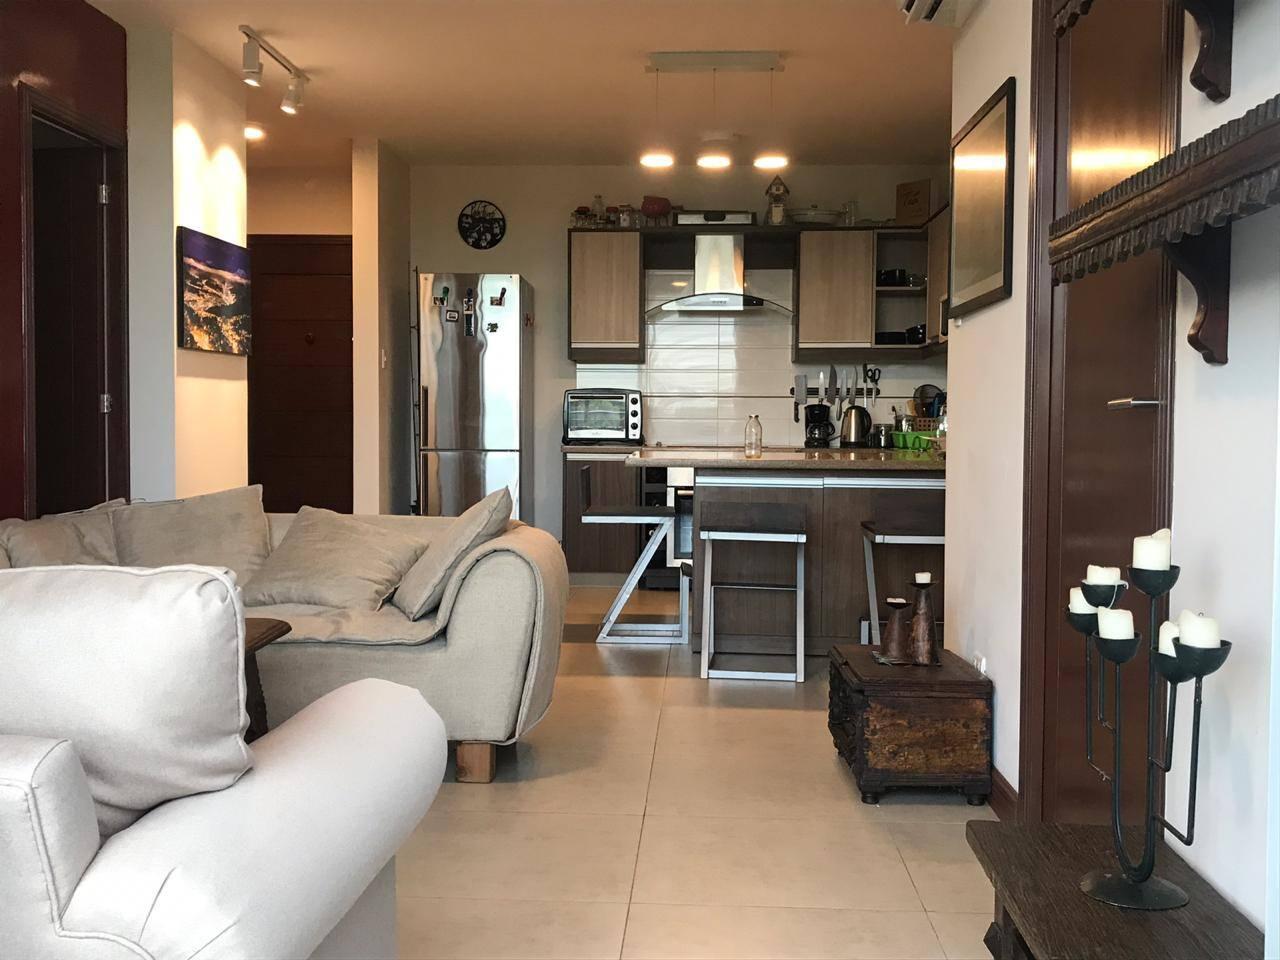 Sala de estar y cocina con isla con ruedas para ser utilizada como mesa también